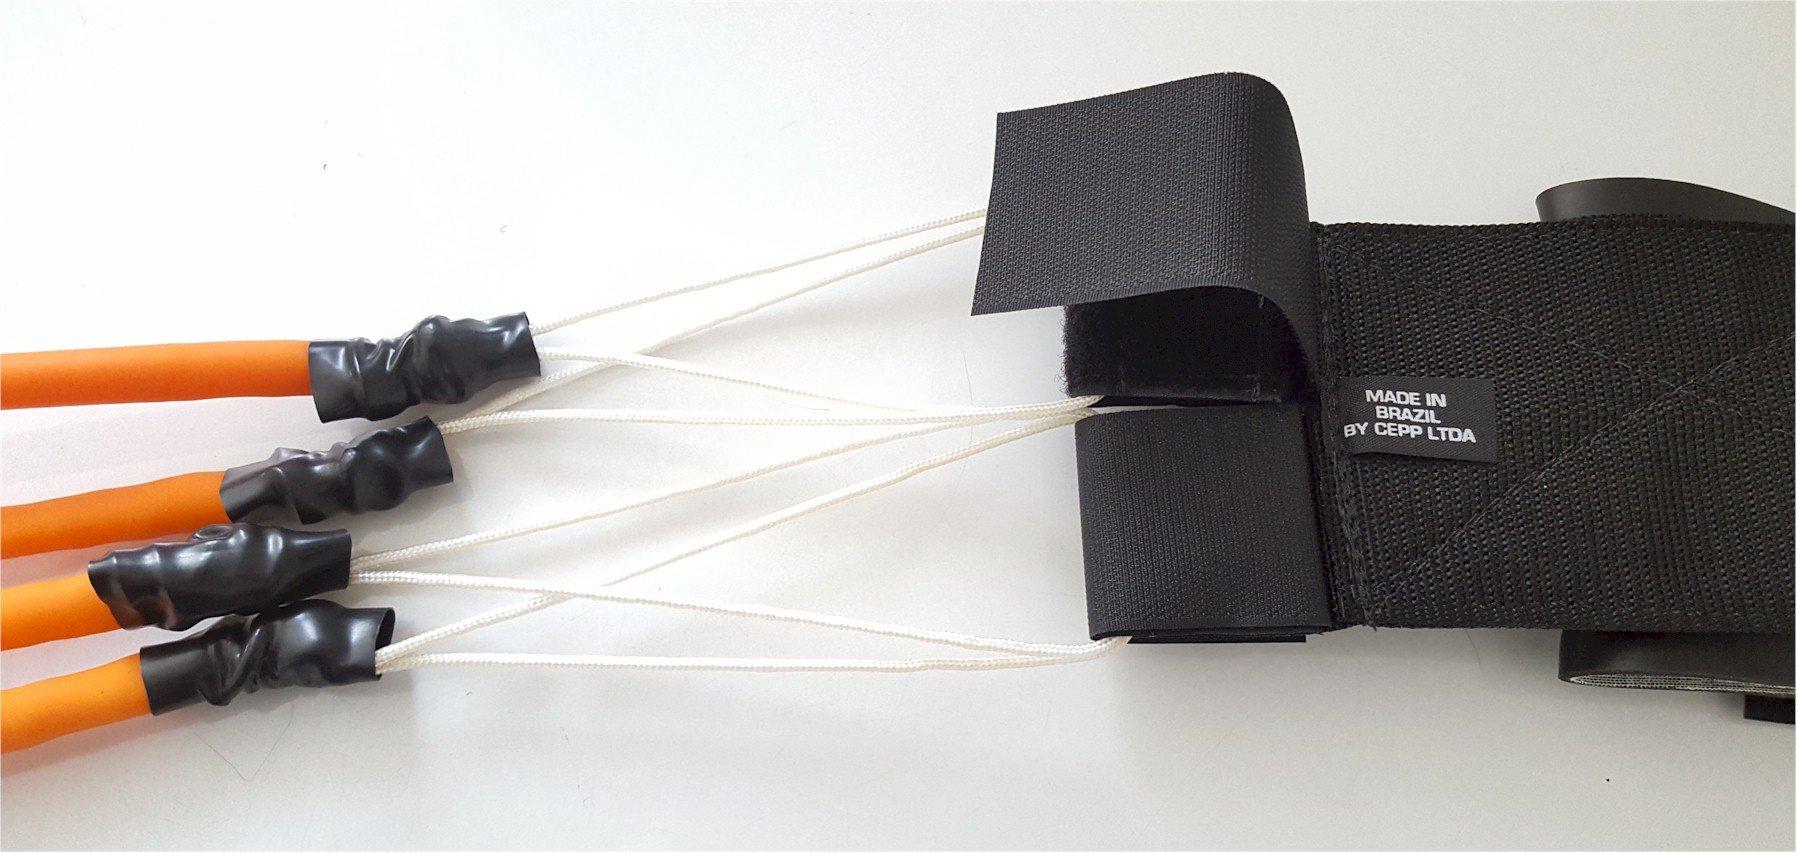 Sistema de Fechamento Triplo de Velcro - Total segurança na fixação dos elásticos no cinto, permitindo facilmente sua substituição.